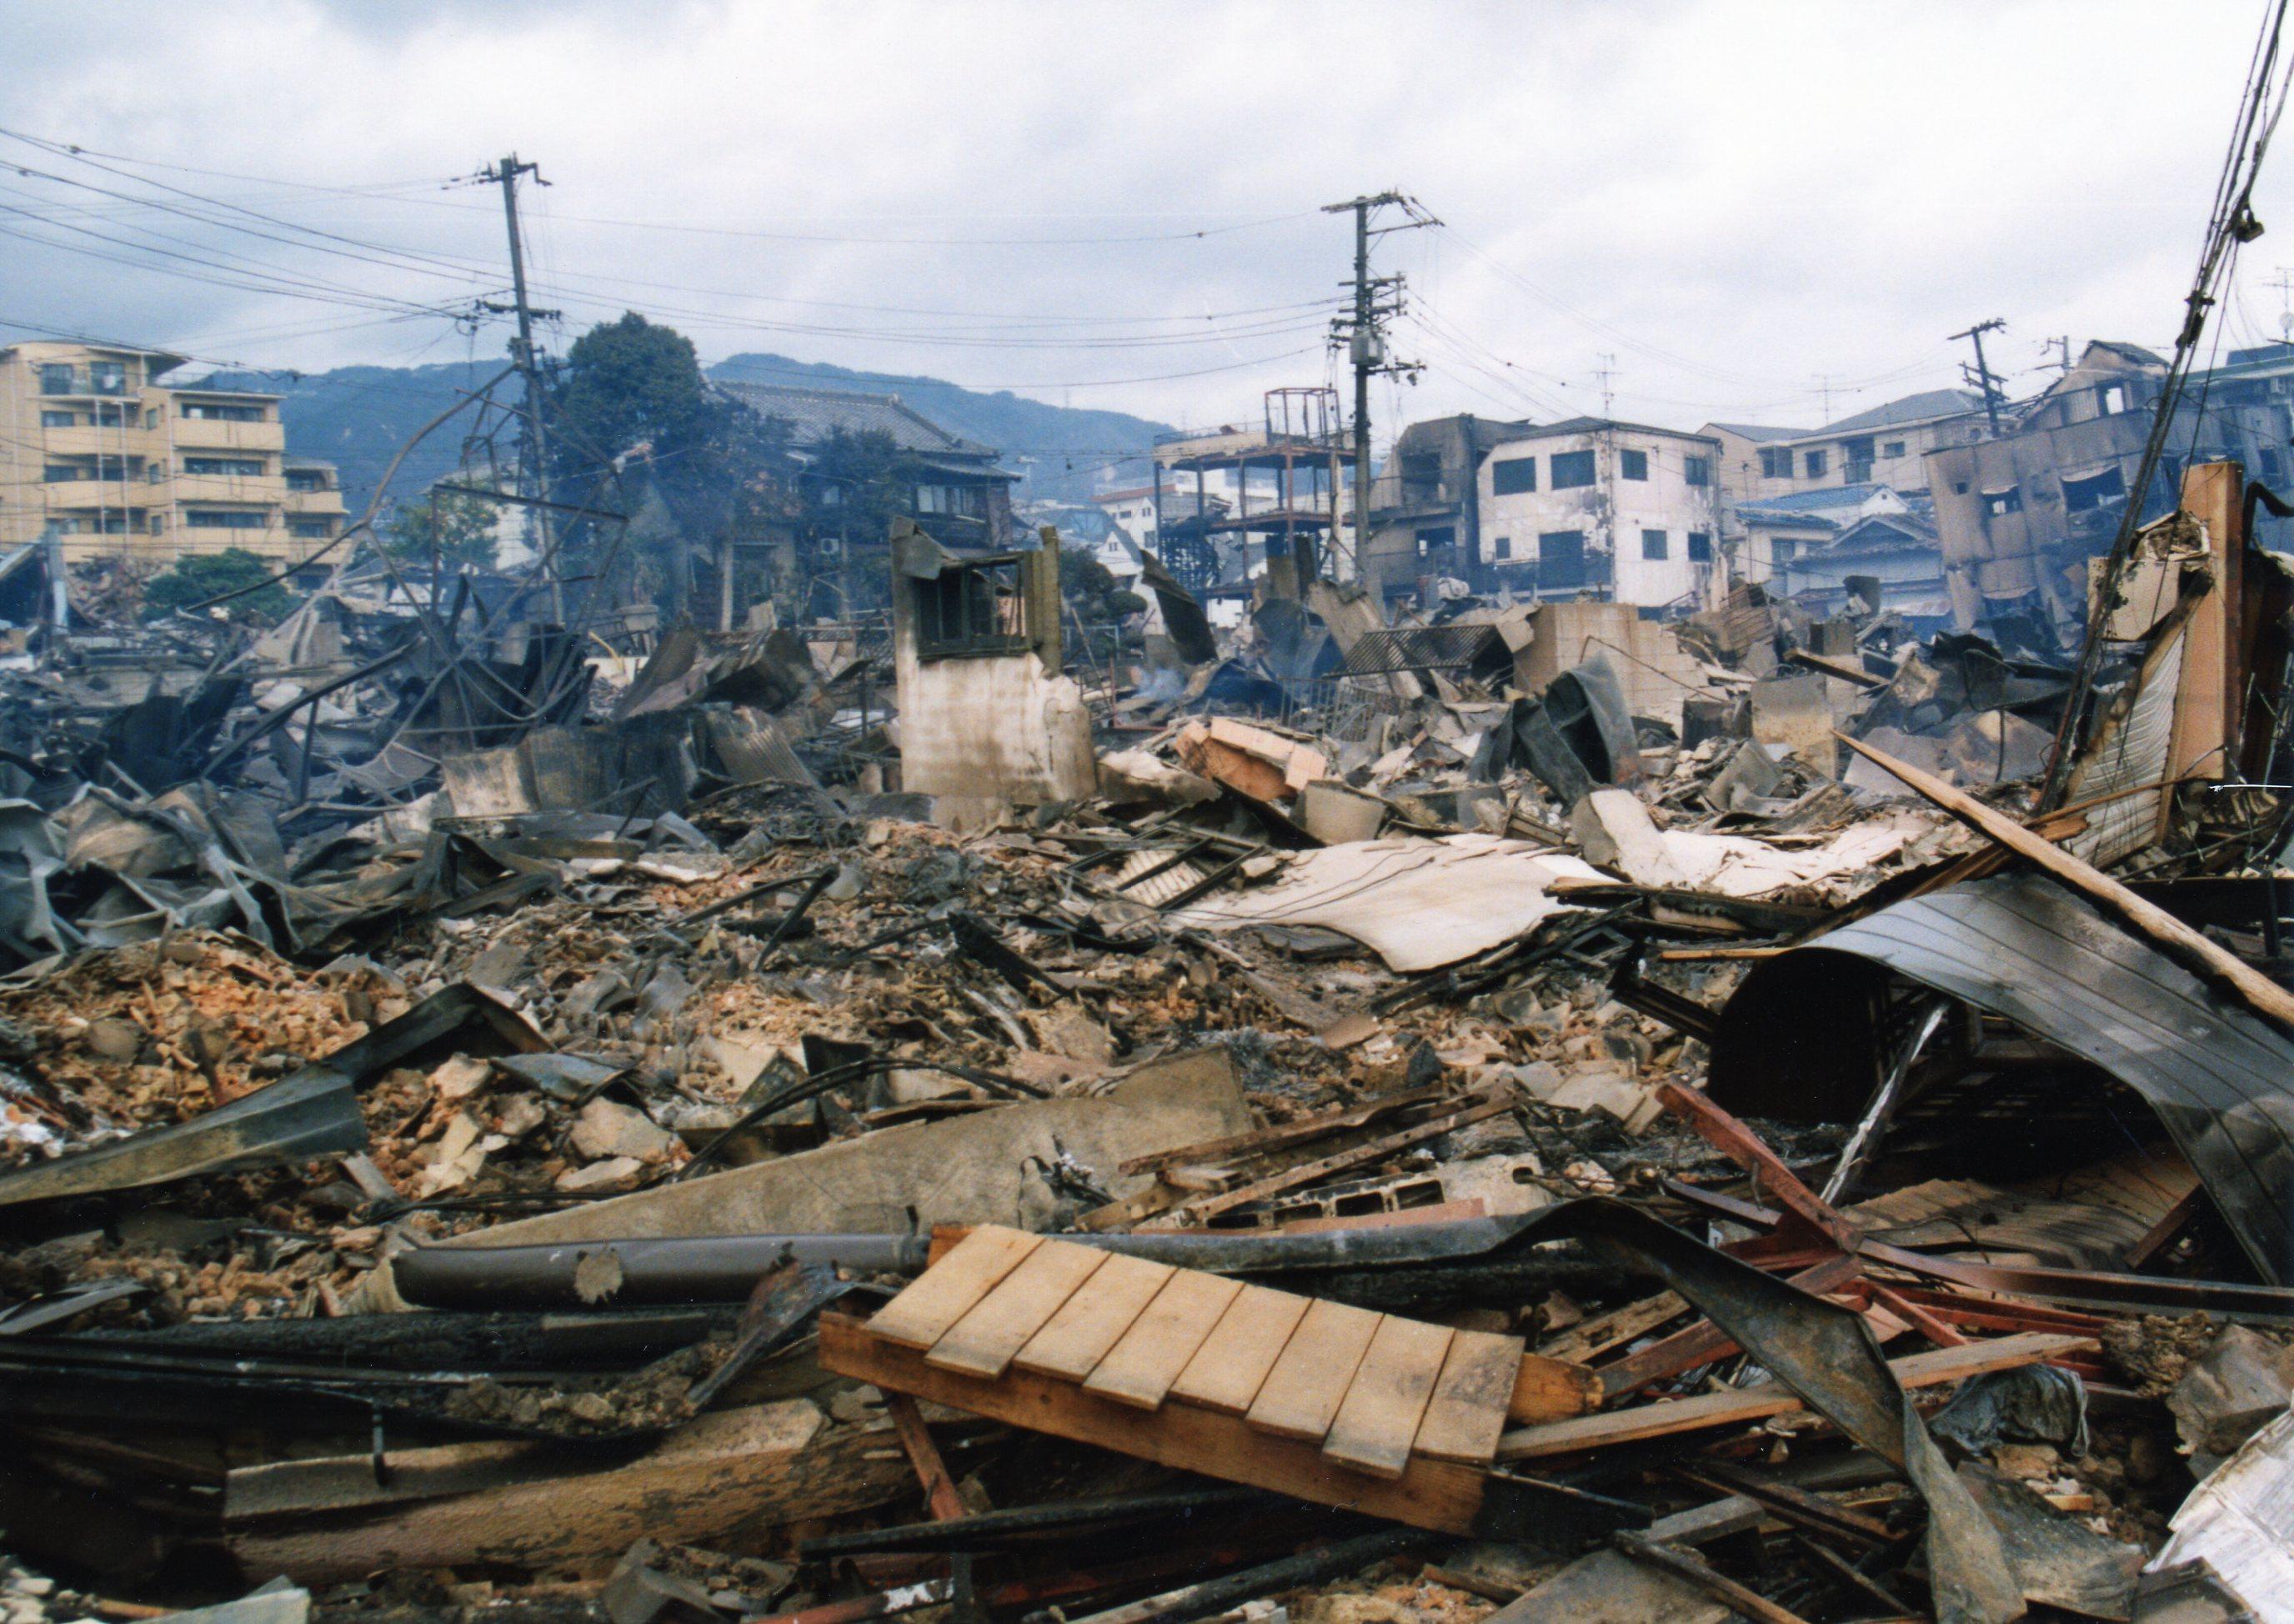 【Theプロフェッショナル】ライフラインの災害被害軽減と一日も早い復旧のために